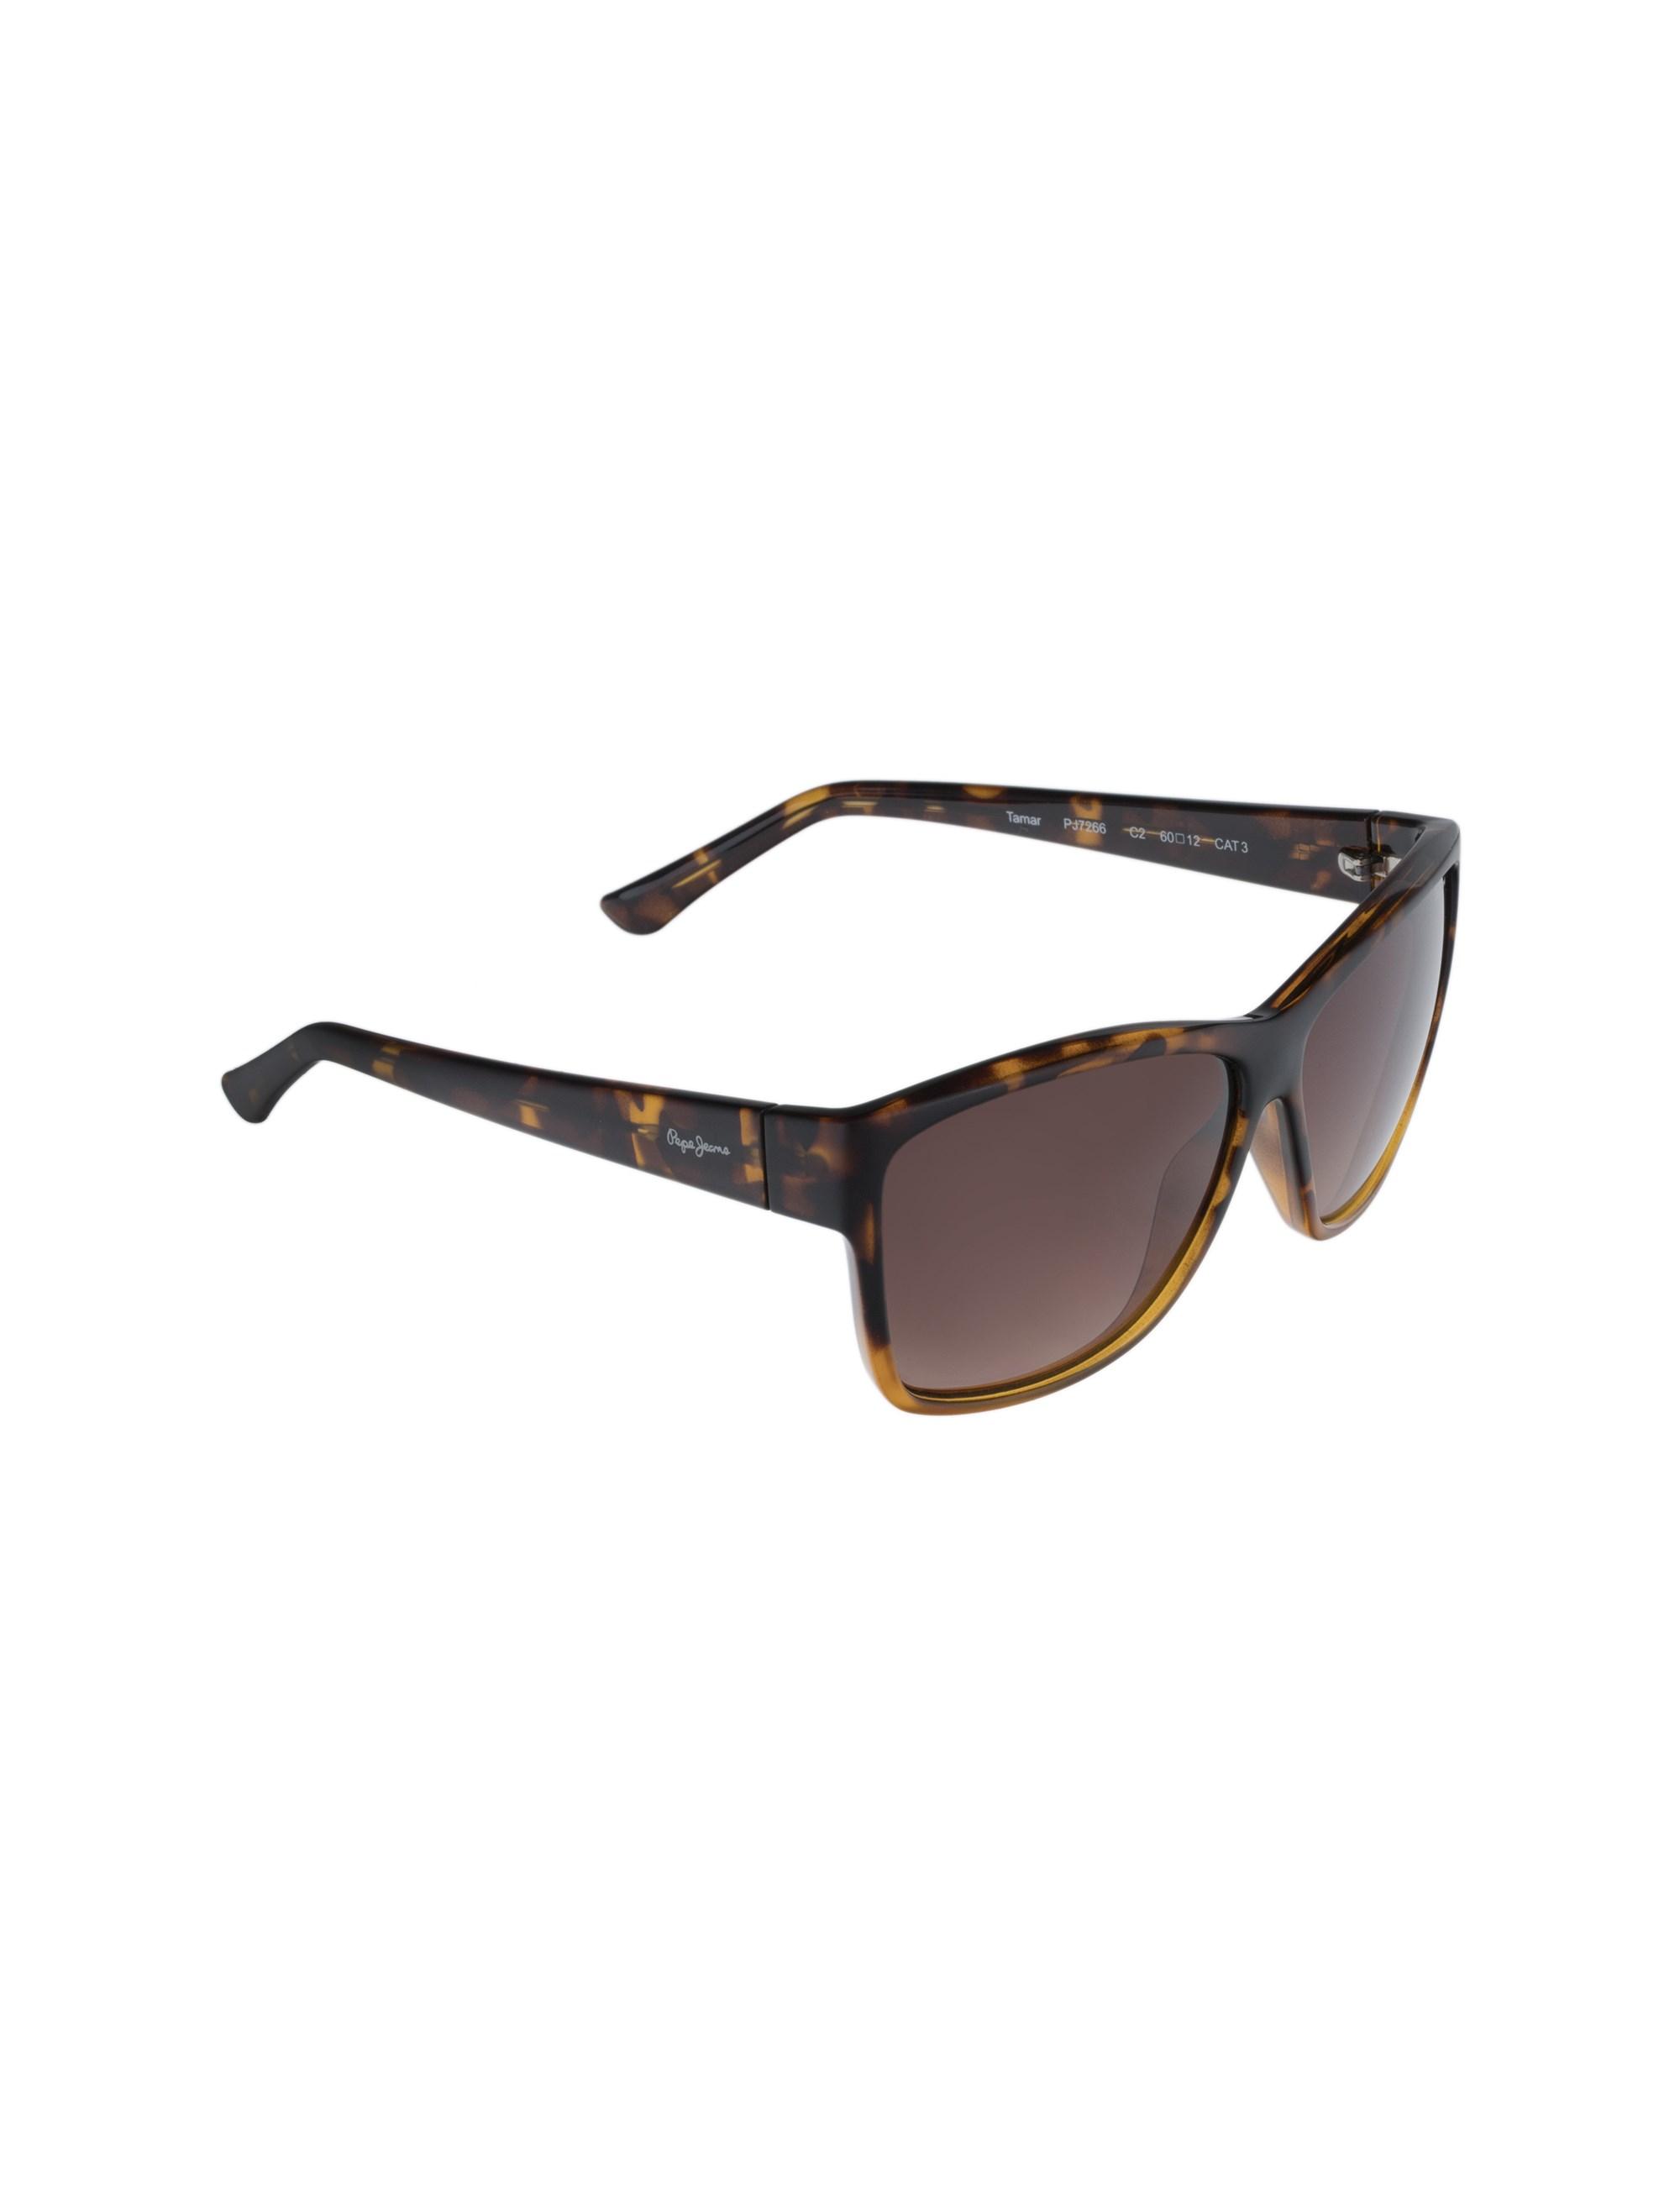 عینک آفتابی مربعی زنانه - قهوه اي  - 2